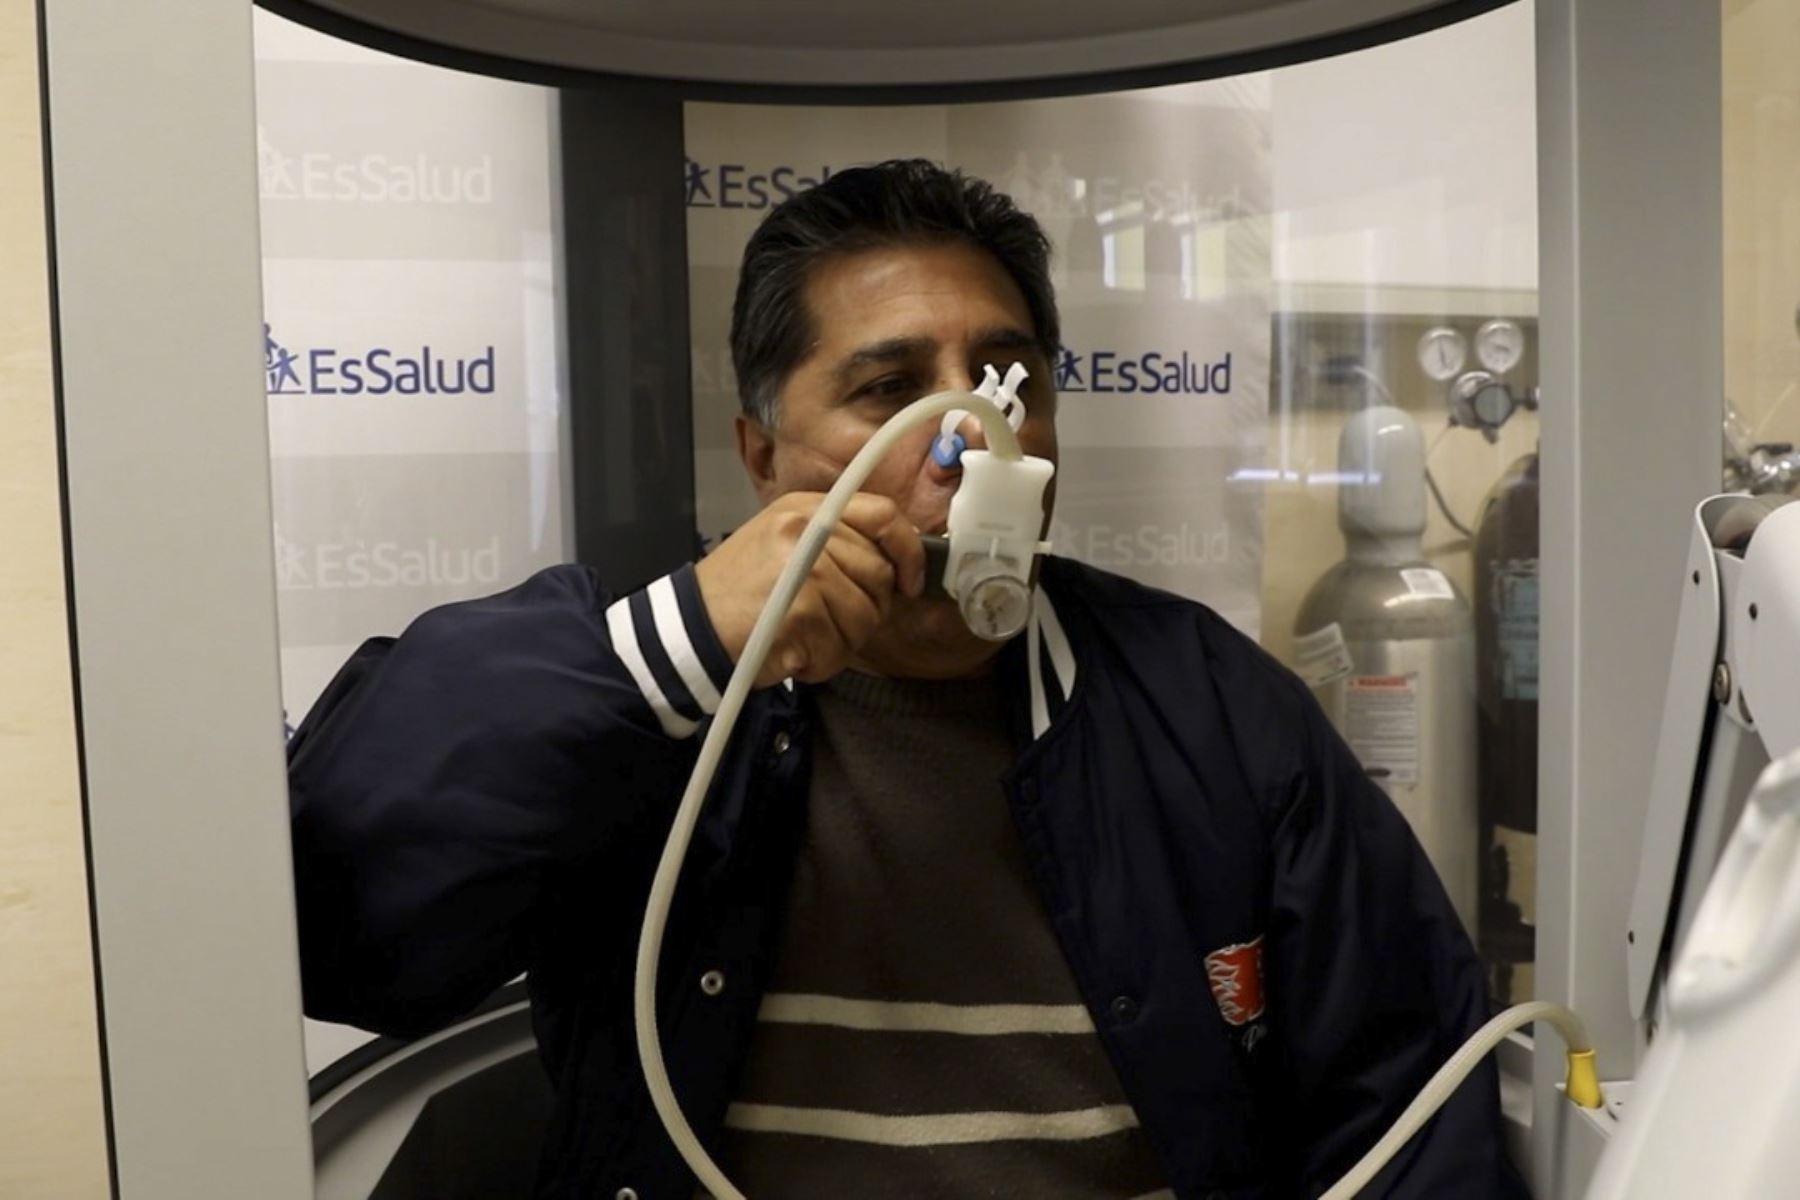 La probabilidad de tener fibrosis pulmonar se incrementa con la edad, señalan expertos. Foto: ANDINA/EsSalud.